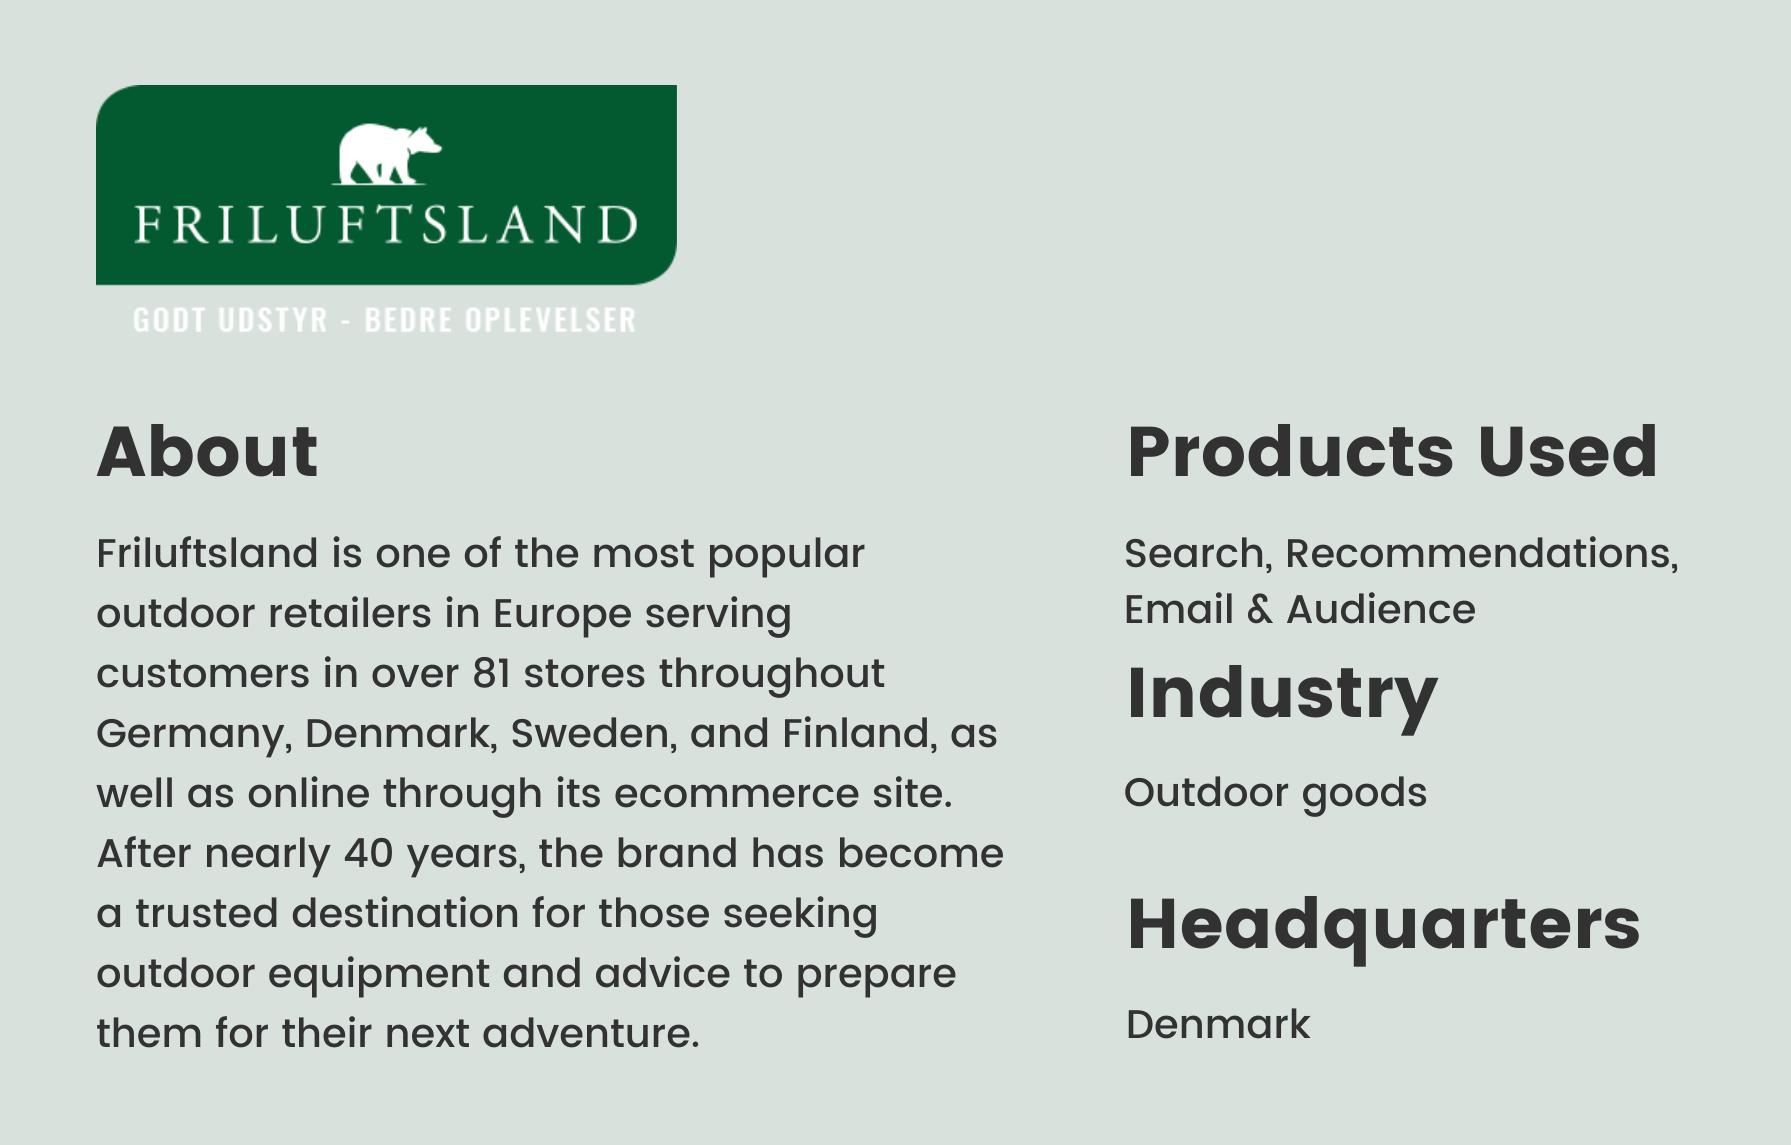 Friluftsland brand bio